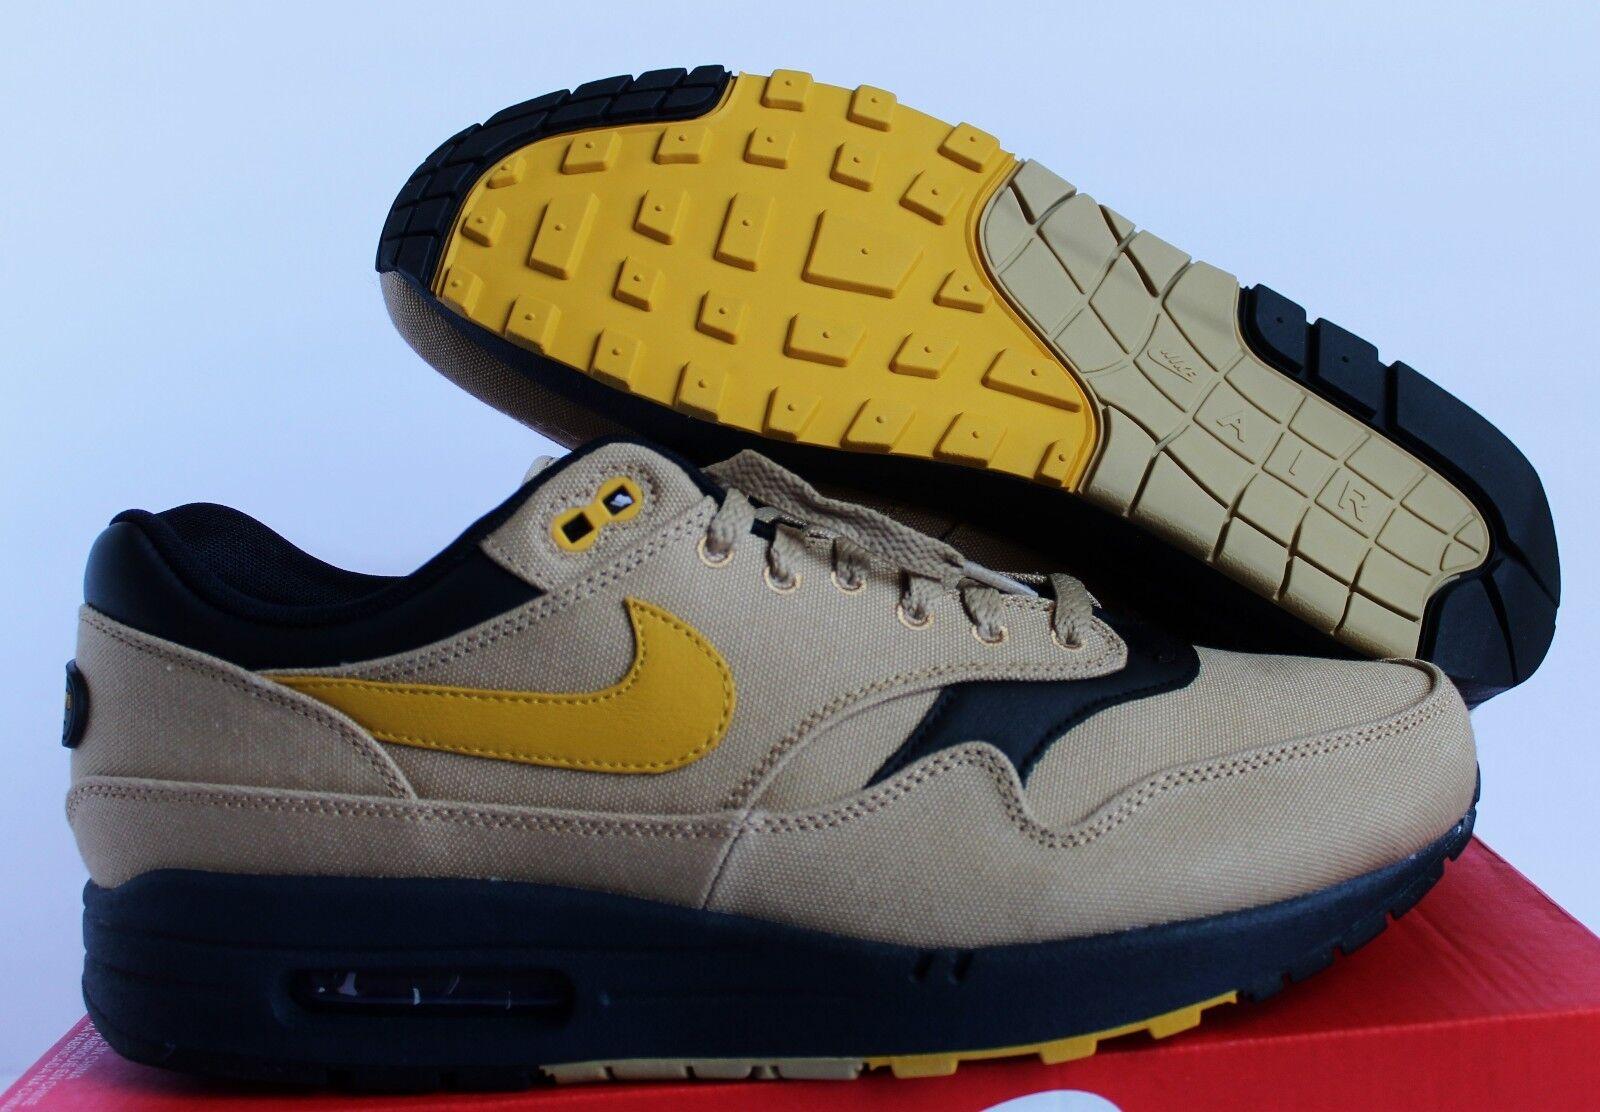 Nike air max 1 premio oro minerale giallo 'sz neri 'sz giallo 10 1968d4